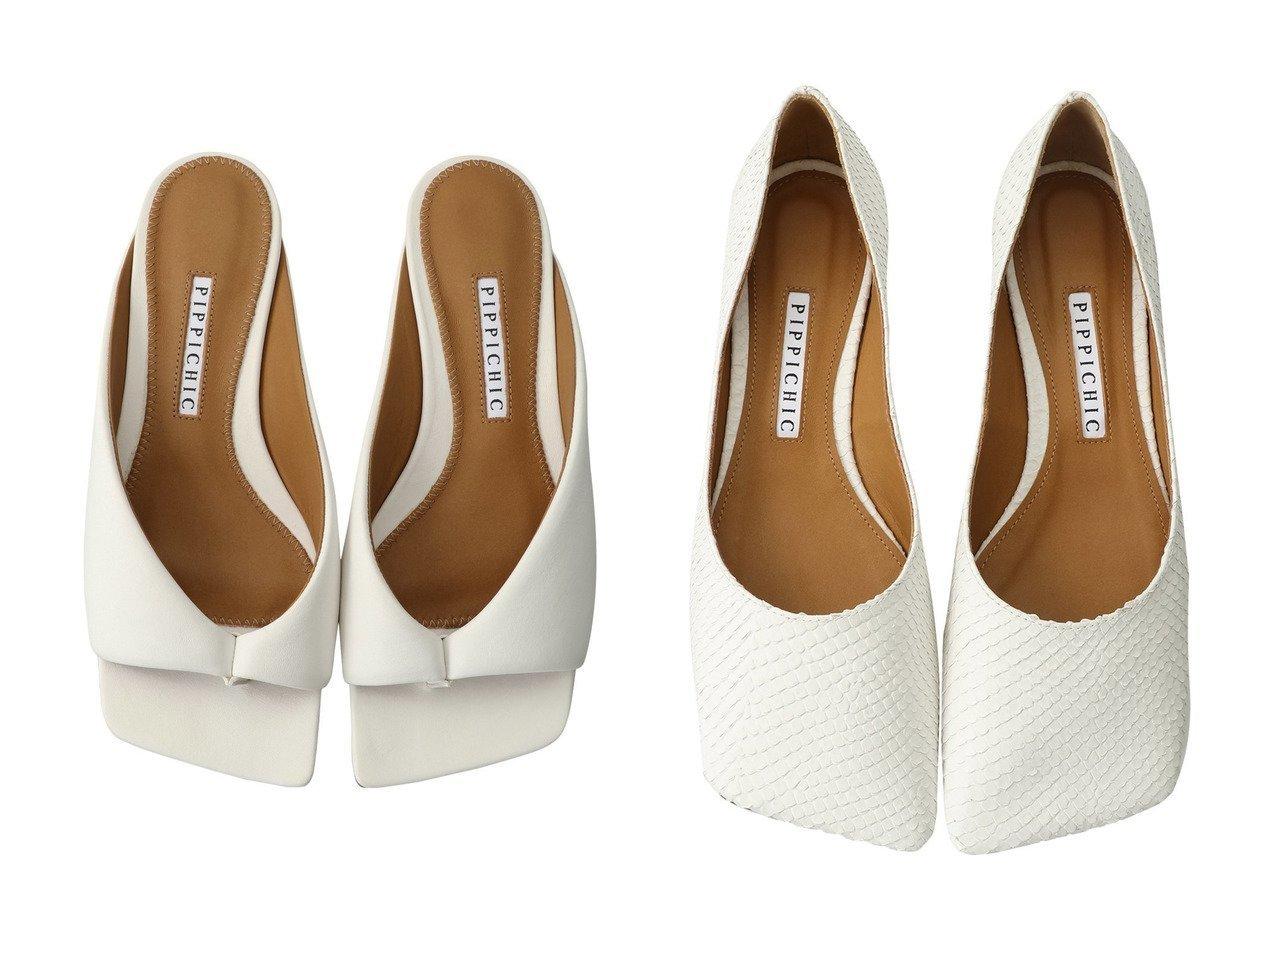 【Pippichic/ピッピシック】のスクエアトゥトングフラットミュール&LINDA パイソン型押しスクエアトゥフラットシューズ シューズ・靴のおすすめ!人気トレンド・レディースファッションの通販 おすすめで人気のファッション通販商品 インテリア・家具・キッズファッション・メンズファッション・レディースファッション・服の通販 founy(ファニー) https://founy.com/ ファッション Fashion レディースファッション WOMEN サンダル フラット ボトム マキシ リゾート ワイド なめらか シューズ シンプル パイソン パーティ |ID:crp329100000007766